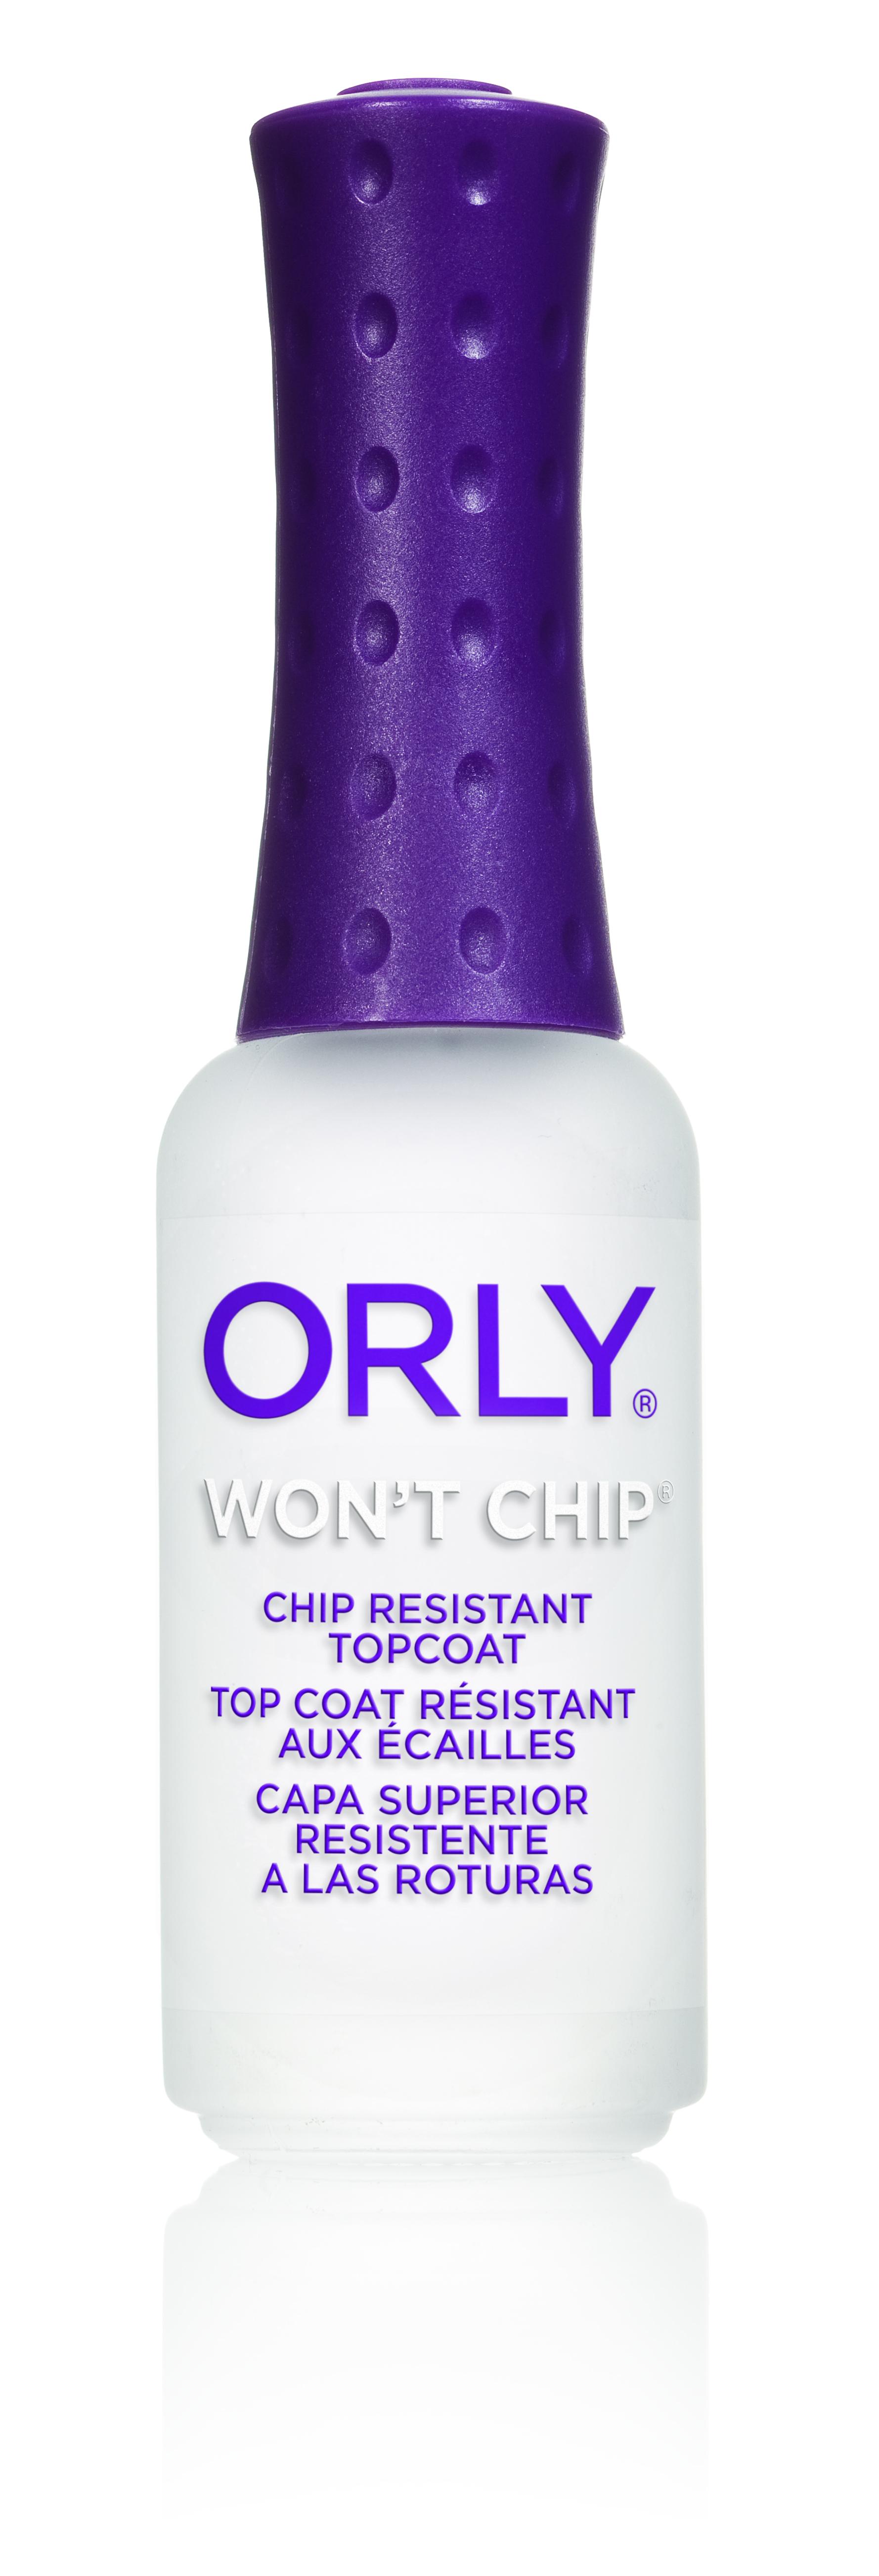 ORLY Покрытие для ногтей верхнее закрепляющее / Wont Chip .3 oz 9млВерхние покрытия<br>Прочное верхнее покрытие Wont Chip с полимерной защитой, которое предохраняет и ноготь, и лак на ногте, а также придает дополнительный блеск. Предотвращает отслаивание и скалывание лака в течение 2-х недель. Способ применения: нанесите 1-2 слоя Wont Chip на высохшую лаковую поверхность по аналогии с любым верхним покрытием. С чем использовать: используйте в качестве базового покрытия основу Nail Armor или NailTrition для более прочного маникюра, а средство Wont Chip закрепит лак. Активные ингредиенты. Состав: Метилэтилкетон, изопропил ацетат, бутилацетат, нитроцеллюлоза, ацетат пропионат целлюлозы, акрилат сополимер, сахарозы ацетоизобутират.<br><br>Объем: 9 мл<br>Виды лака: Глянцевые